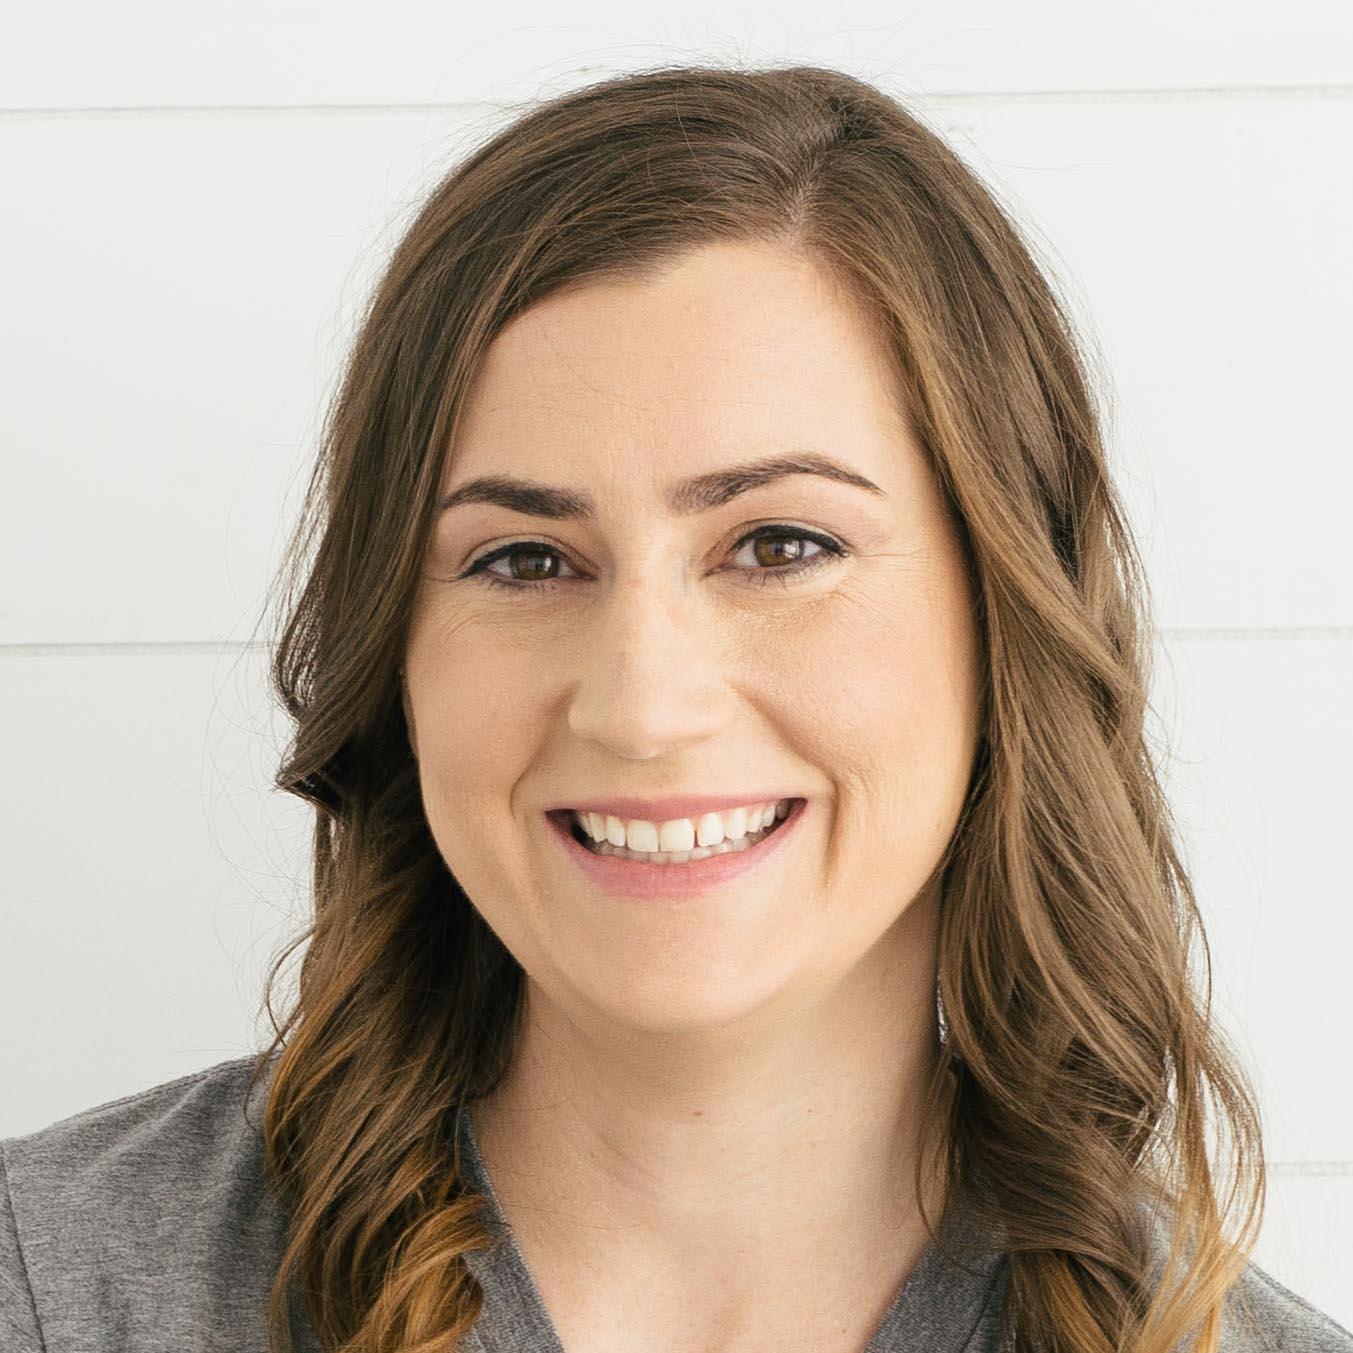 Marisha McGrorty